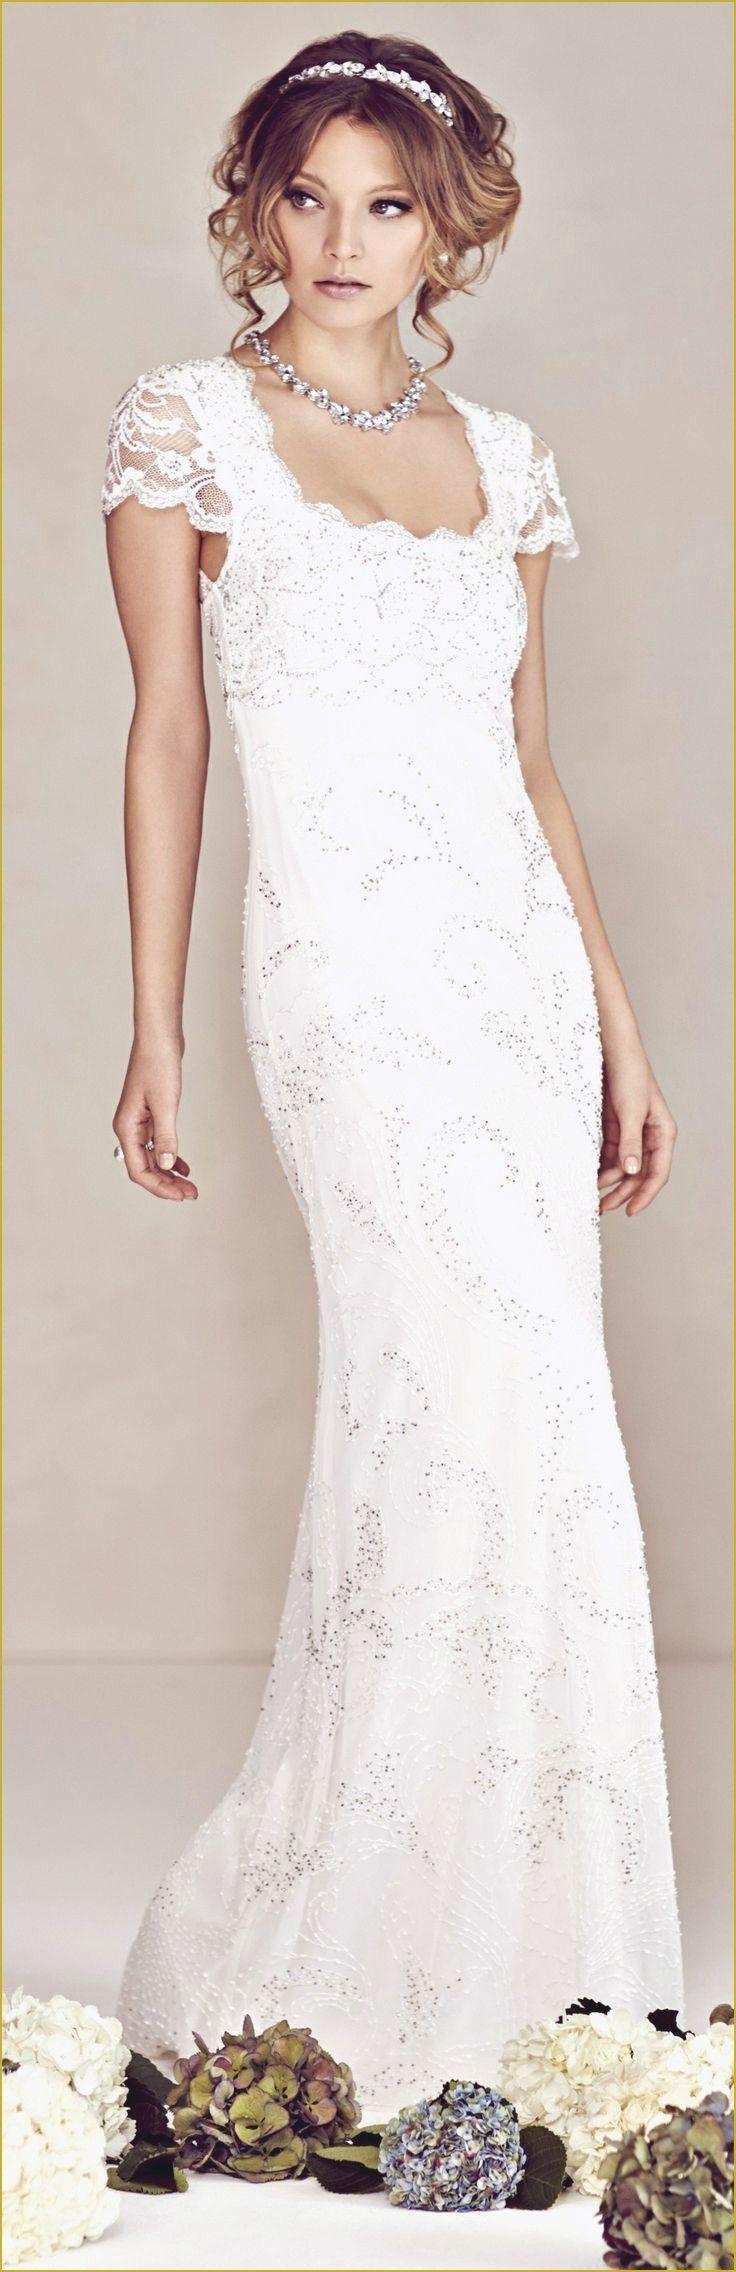 Image result for second wedding dresses for older brides